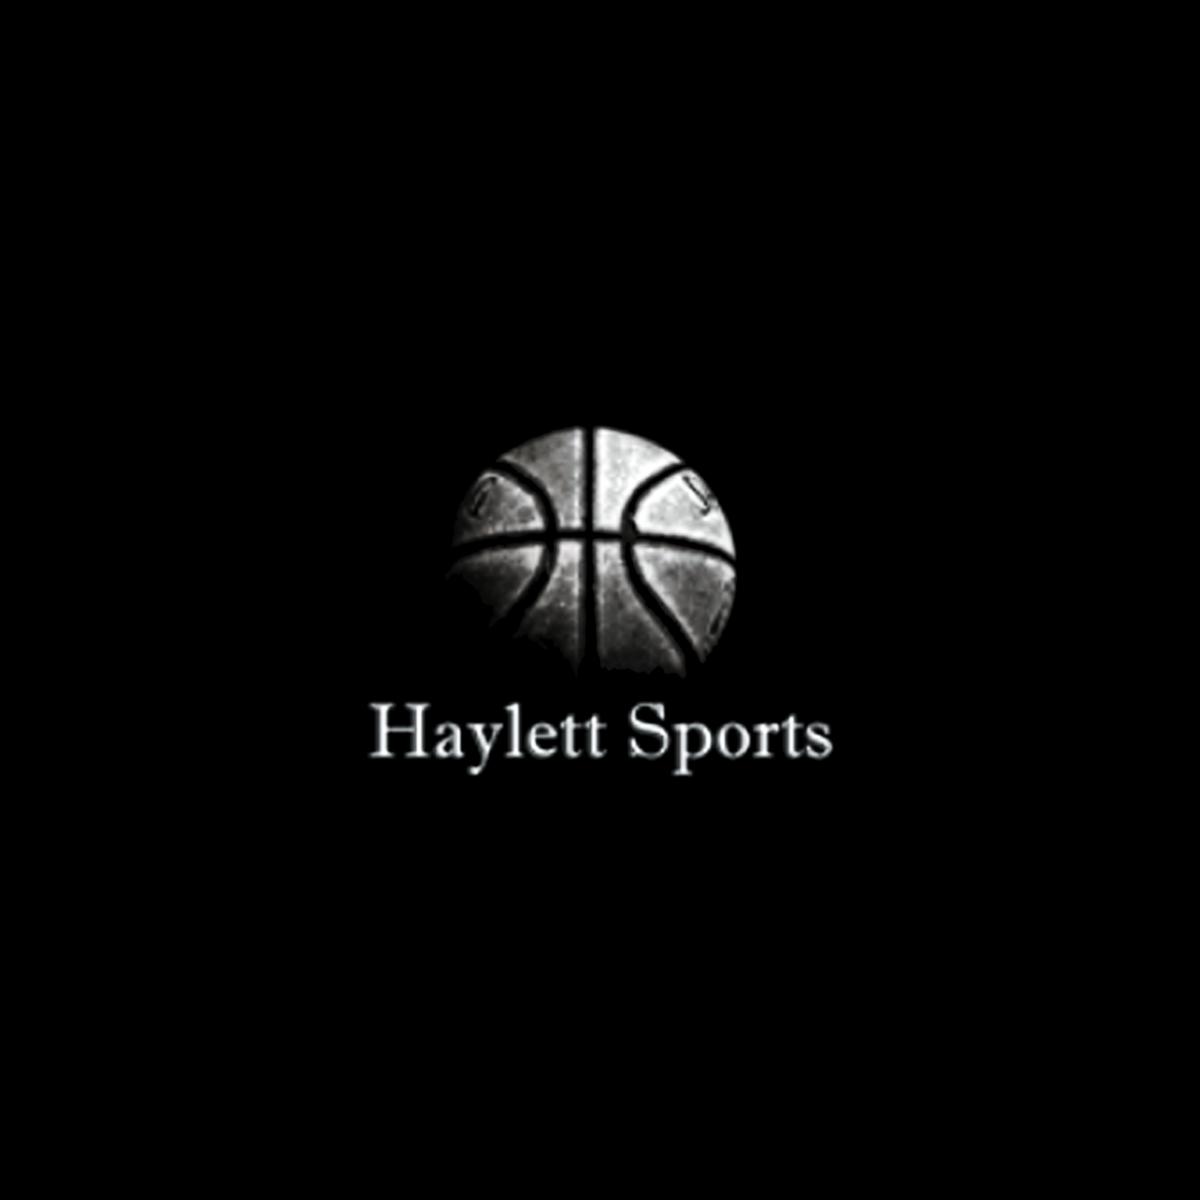 Haylett Sports